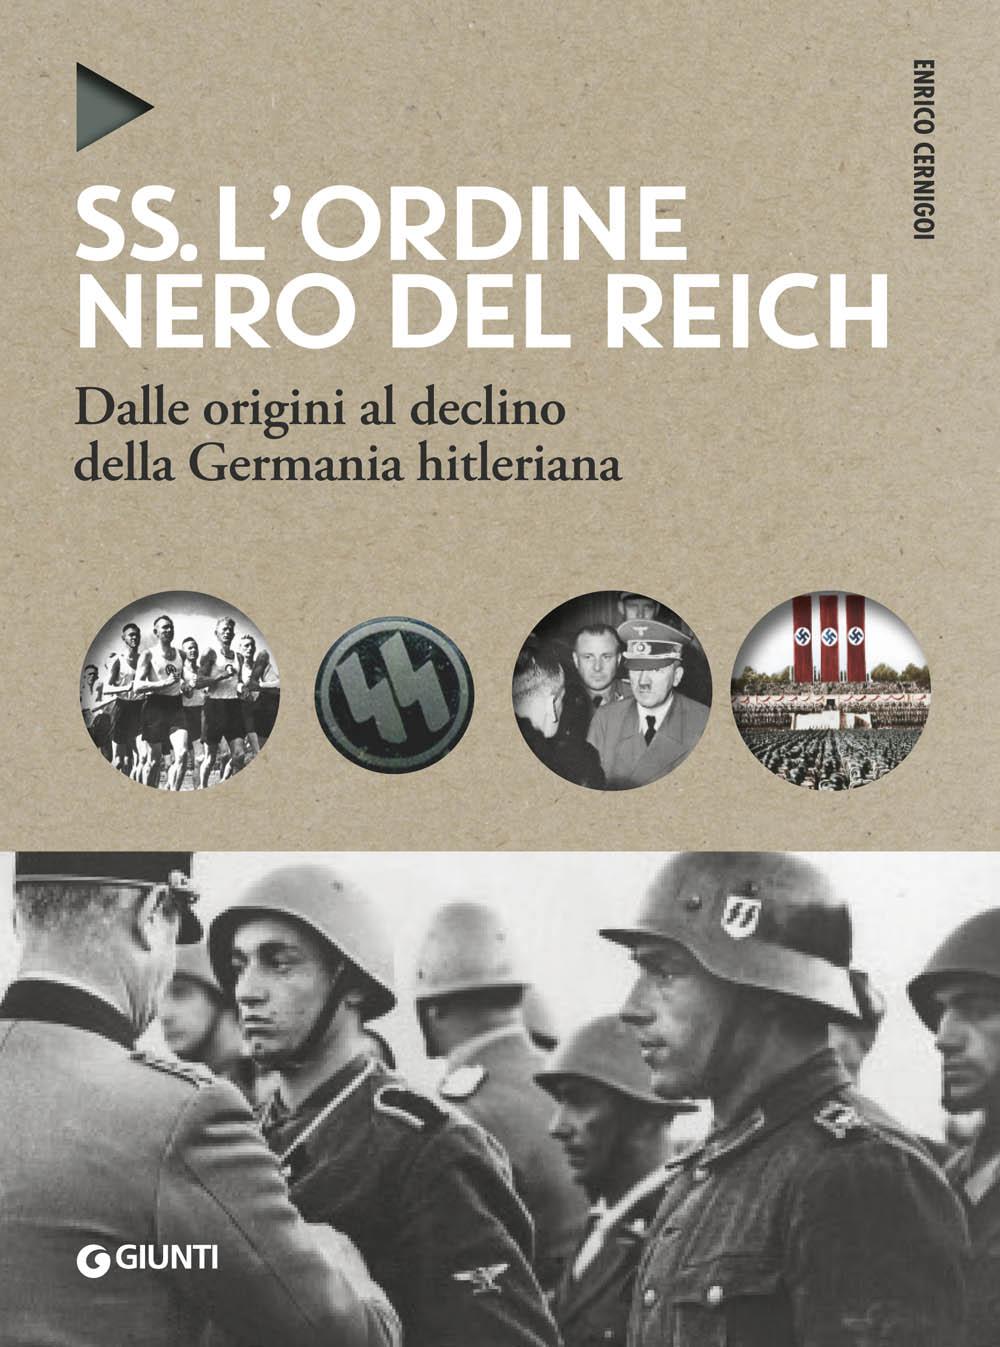 SS. L'ordine nero del Reich